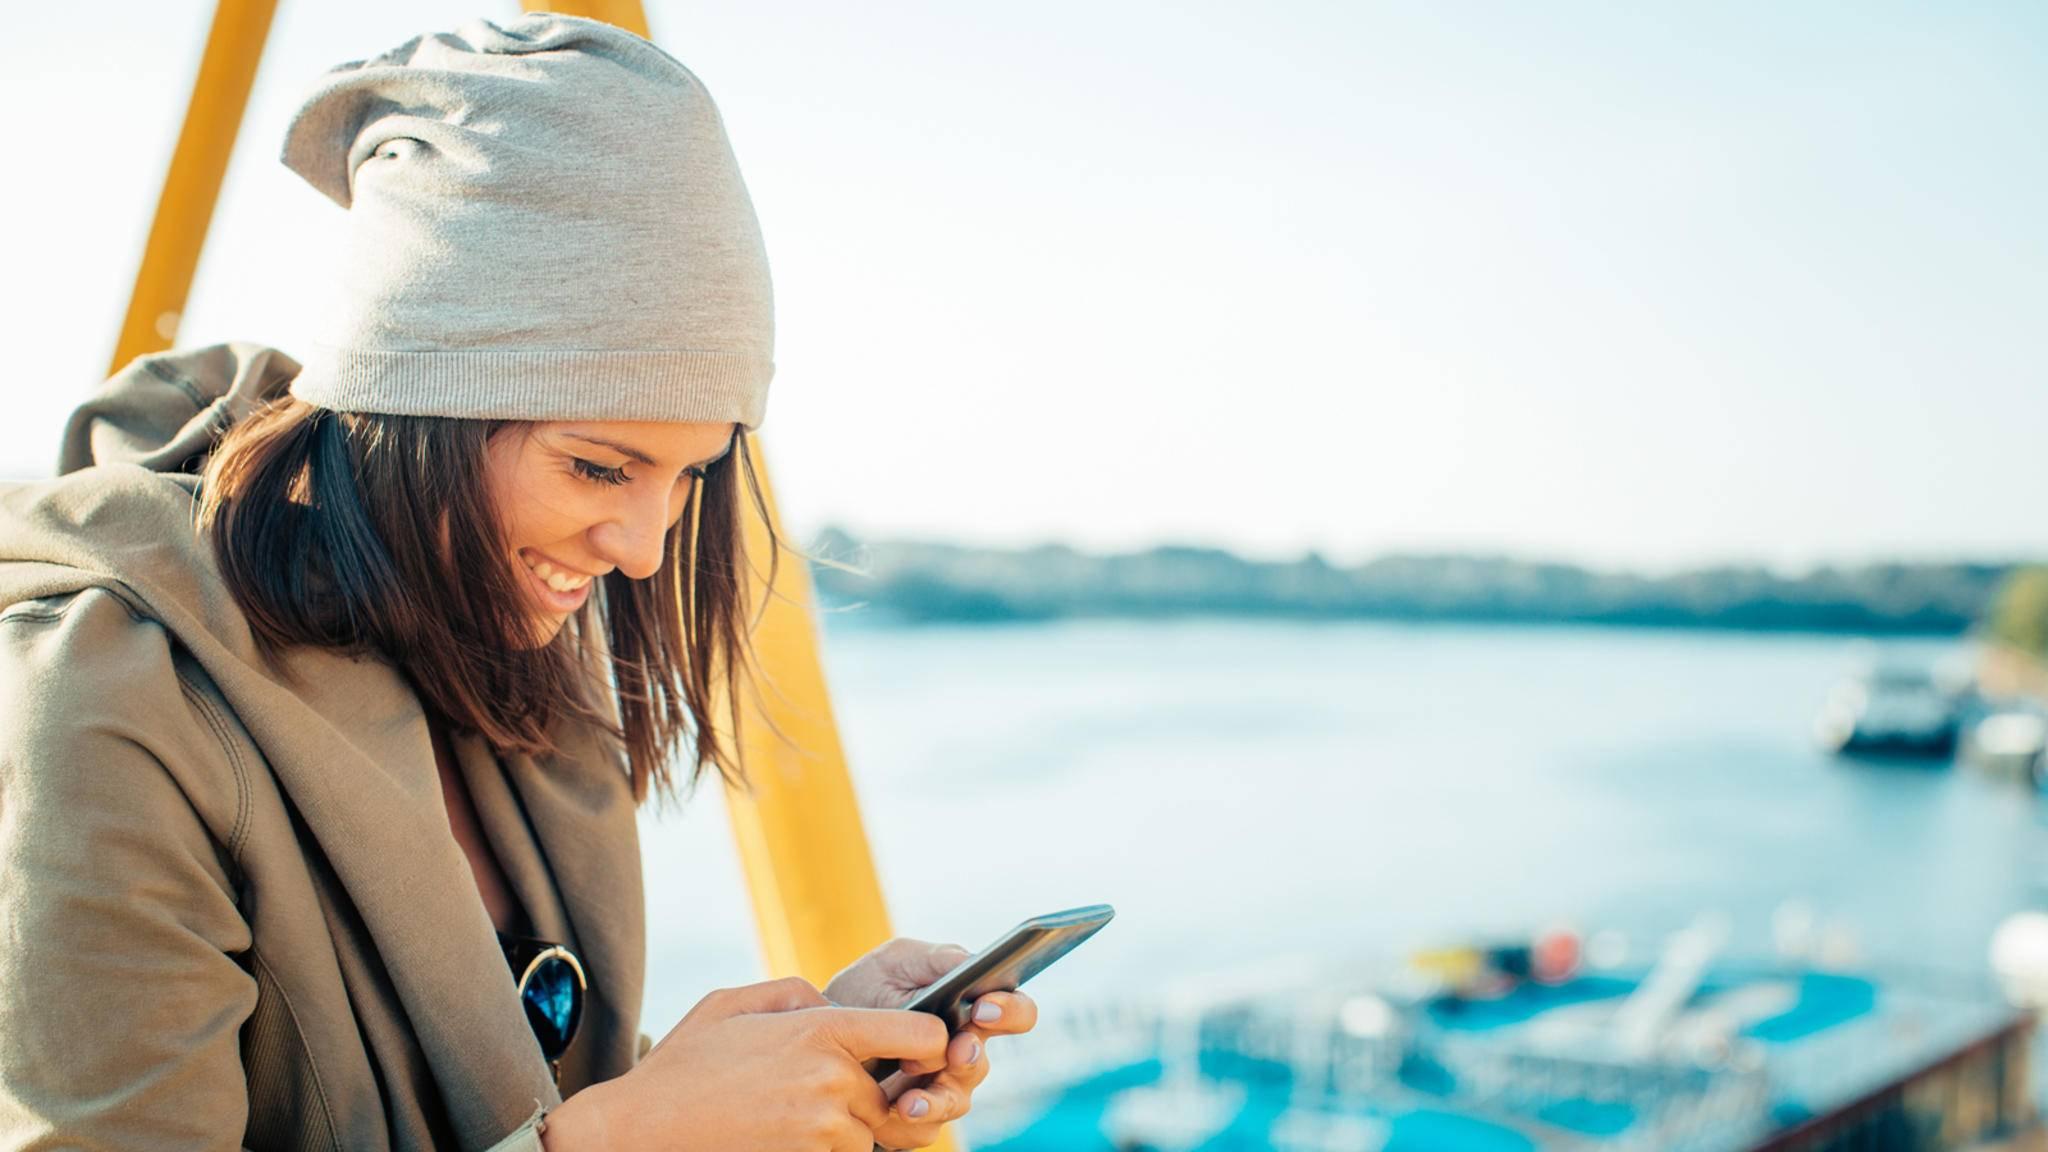 Smarte Mützen und Caps befördern die Kopfbedeckung vom reinen Kleidungsstück zum waschechten Wearable.